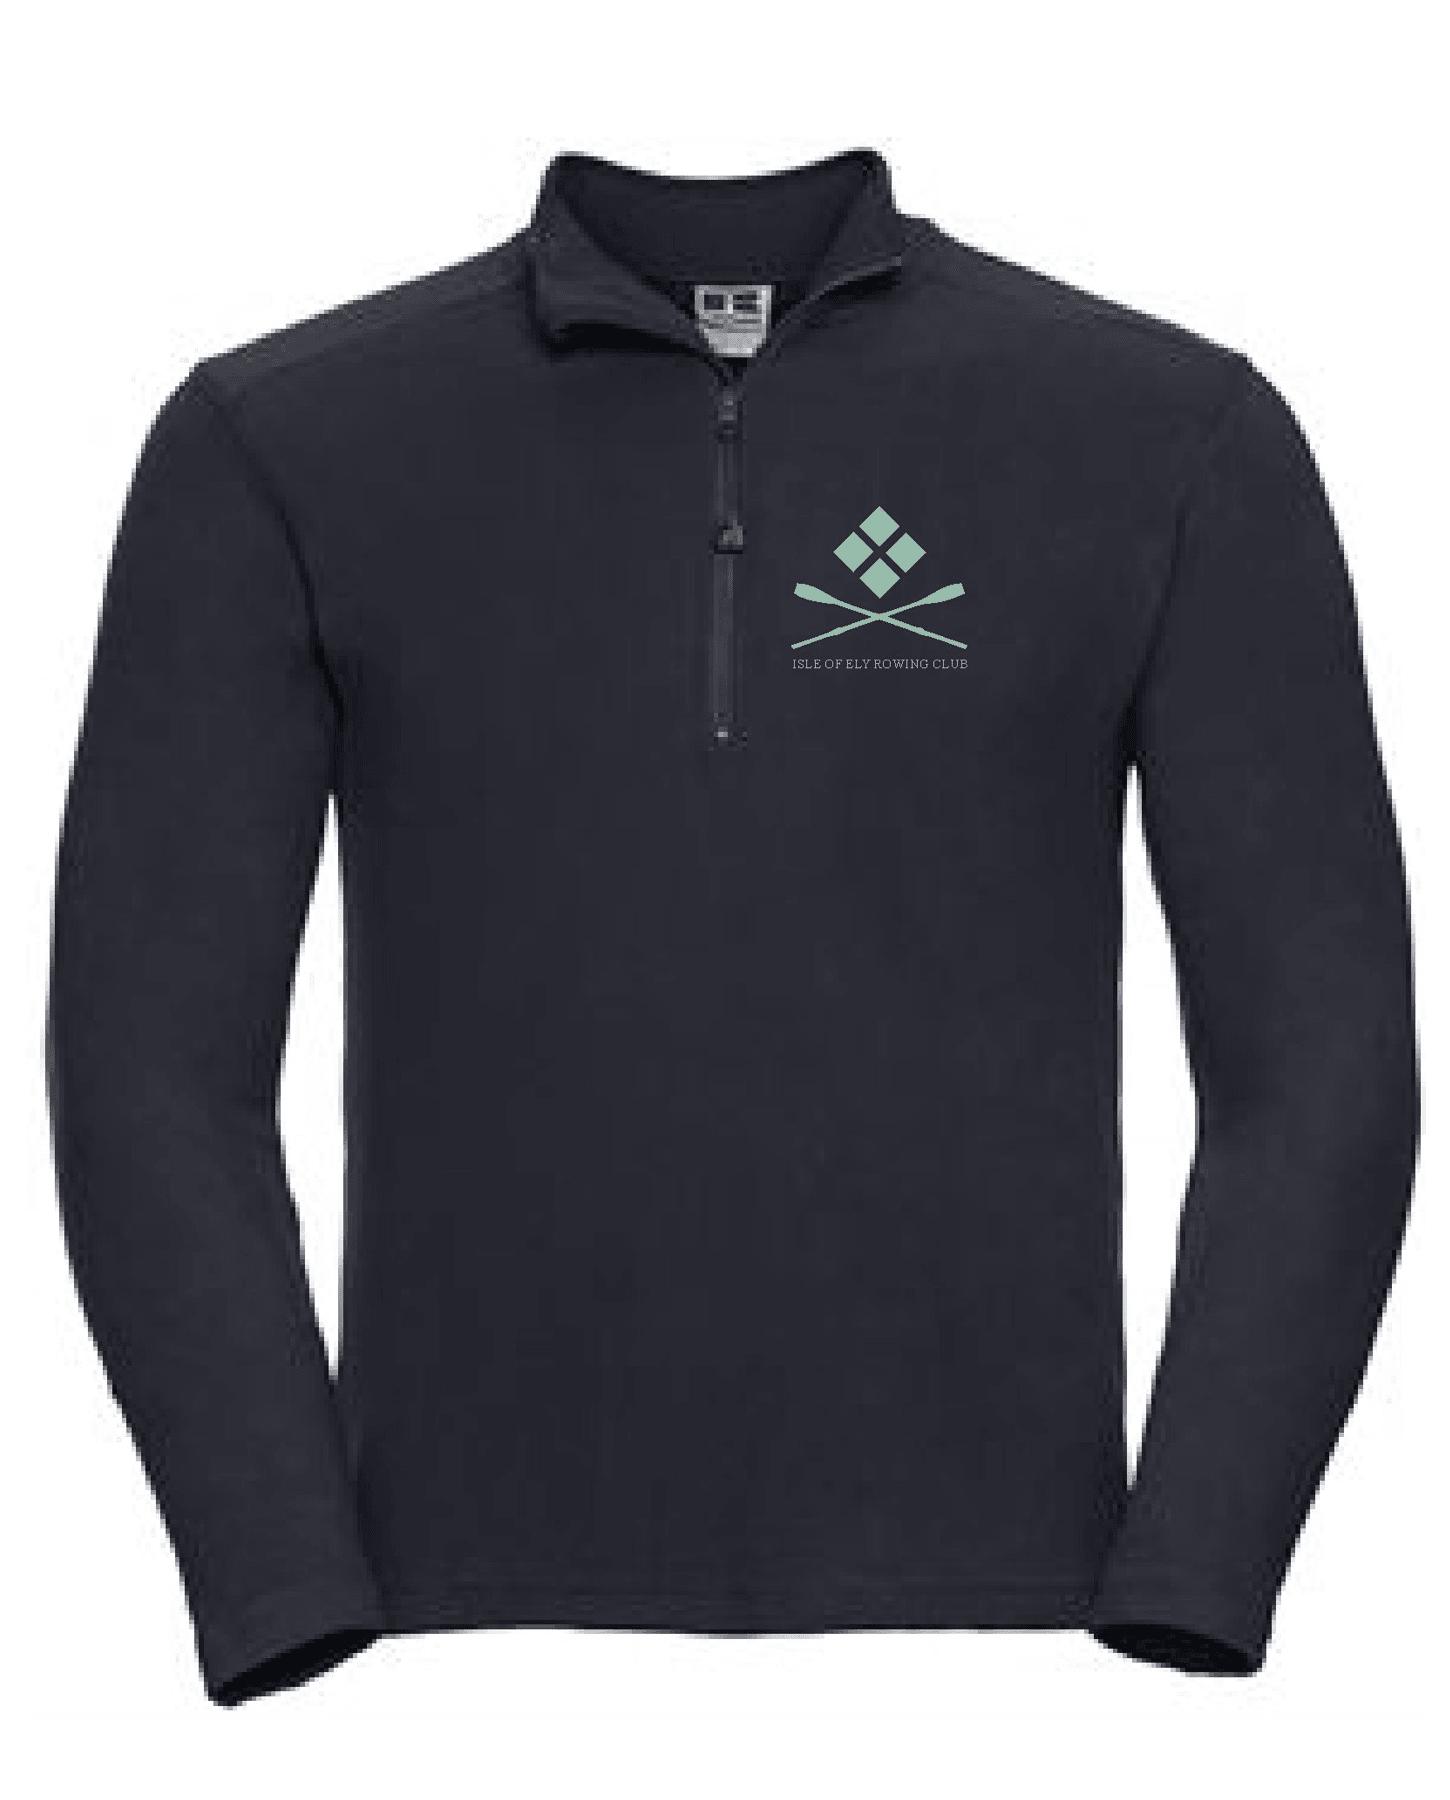 IOERC – Premium 1/4 Zip Sweatshirt (Unisex)